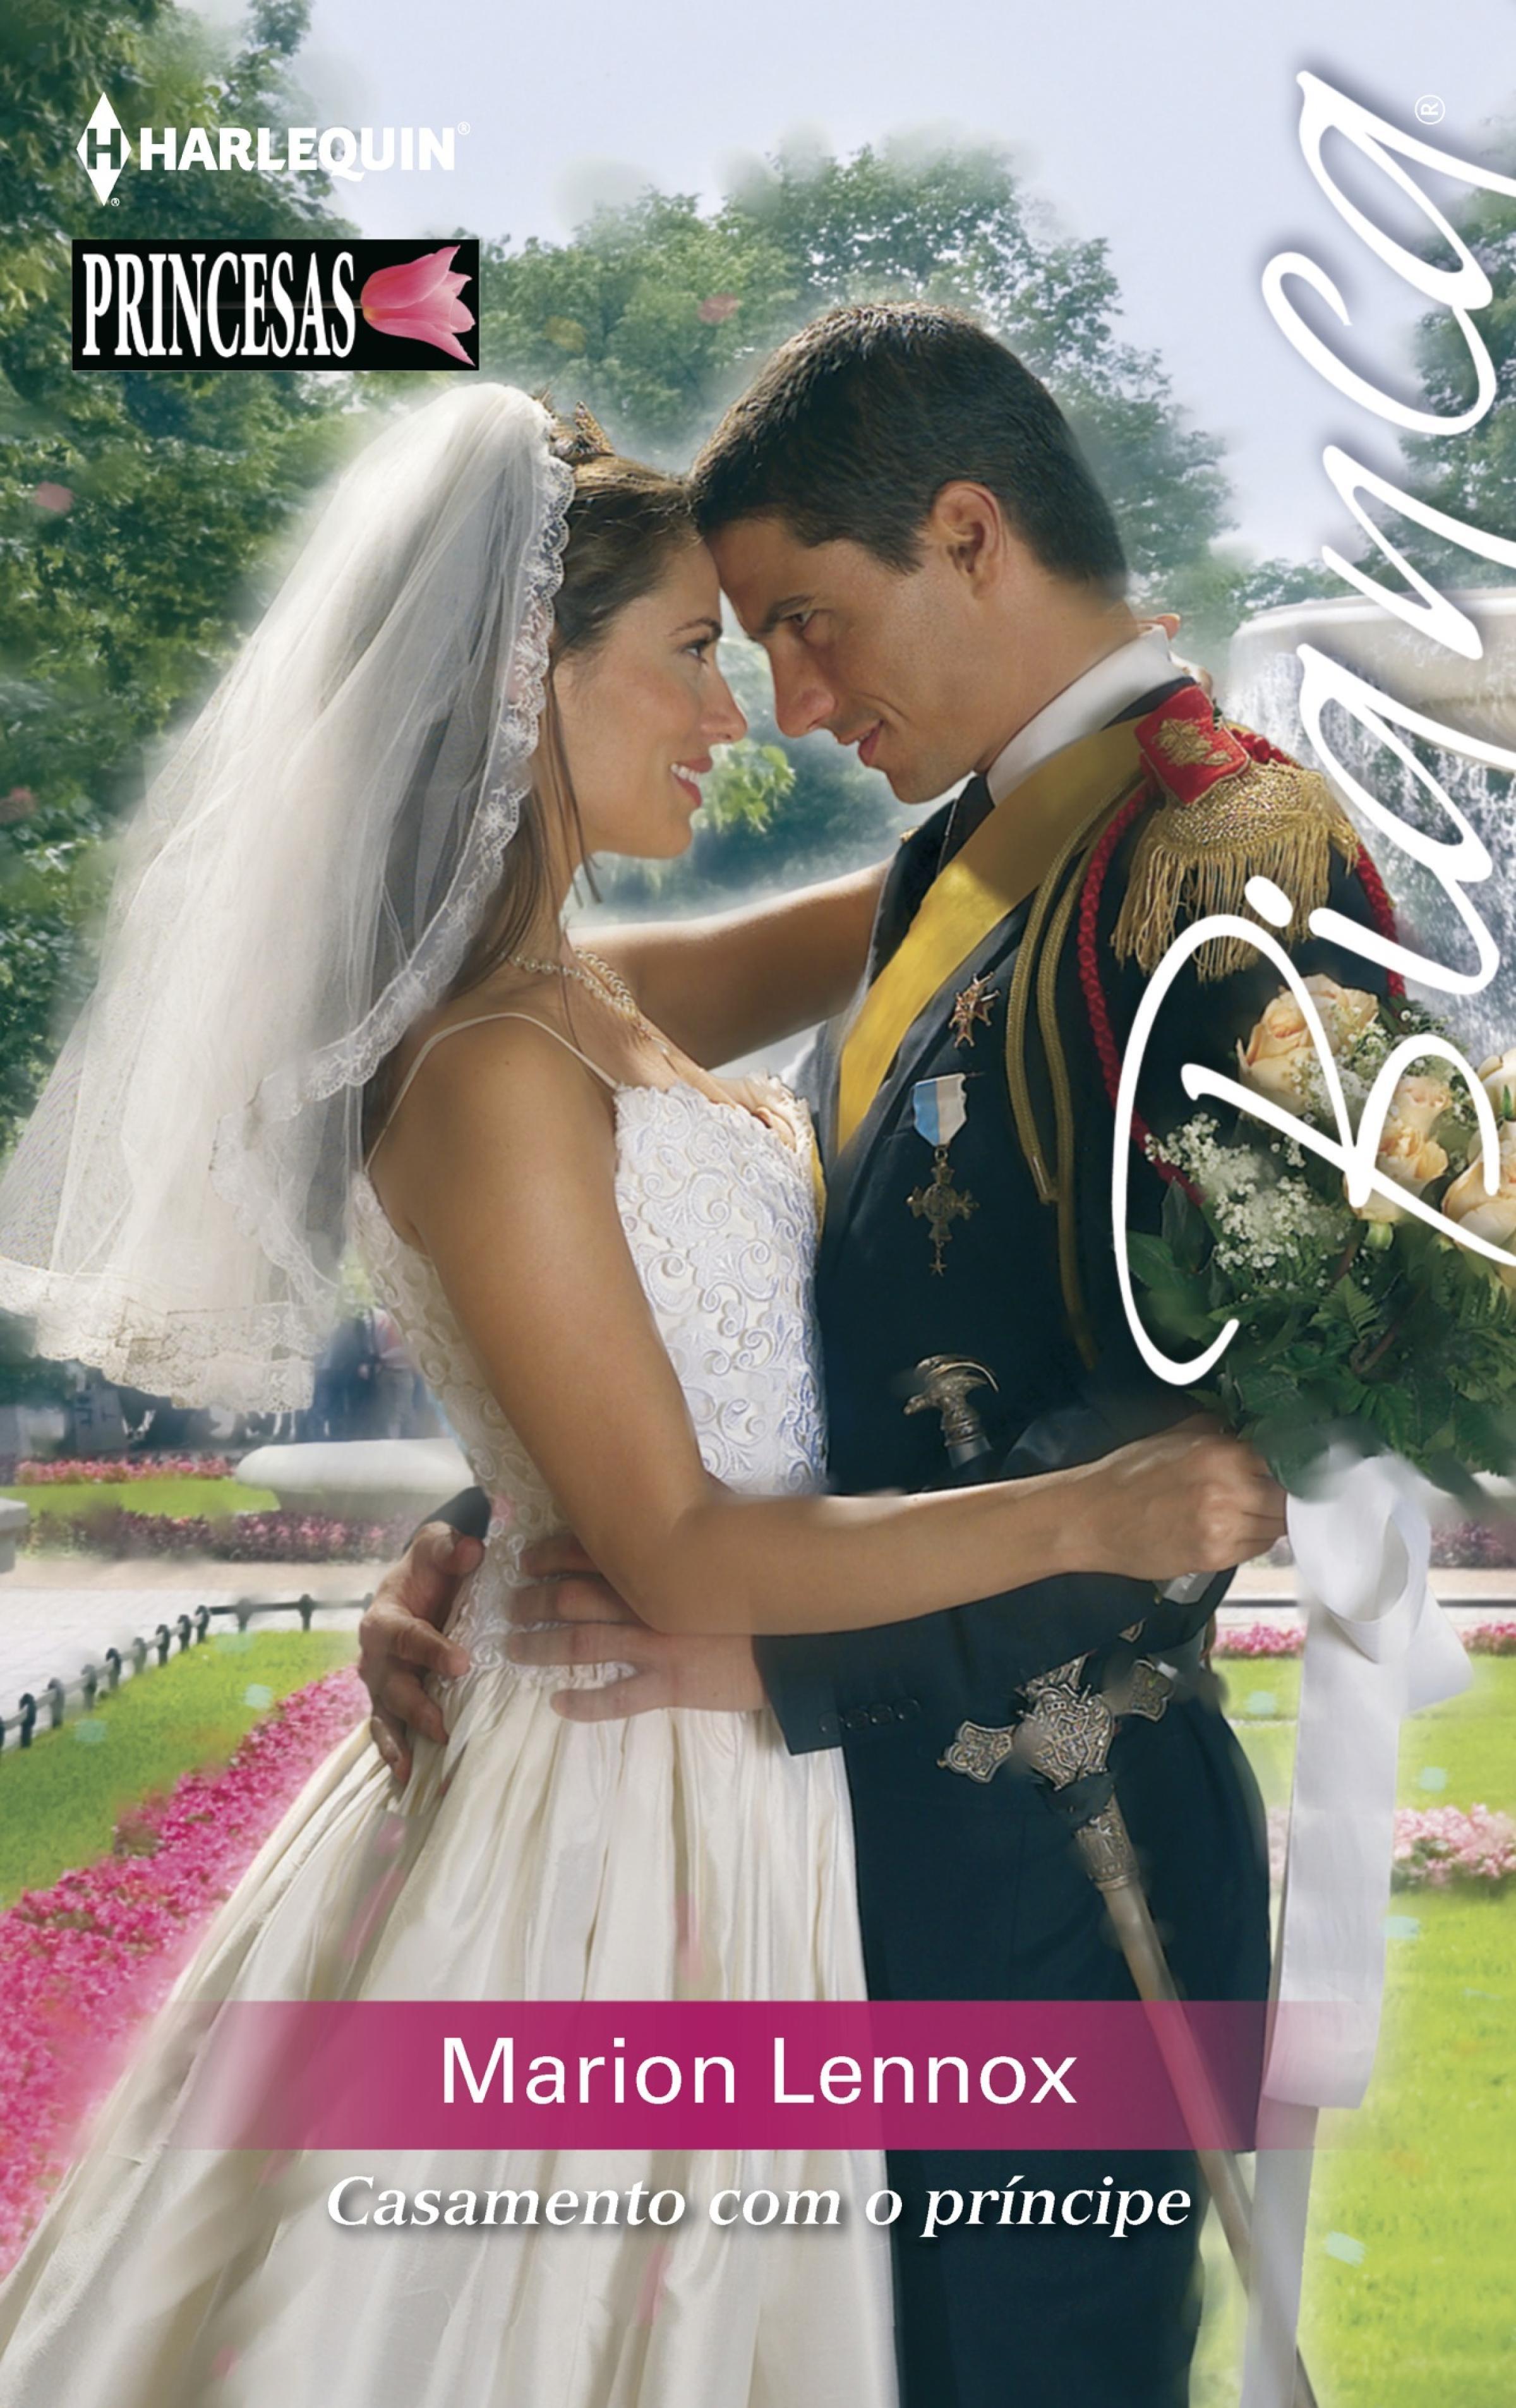 Marion Lennox Casamento com o príncipe marion lennox o castelo do amor